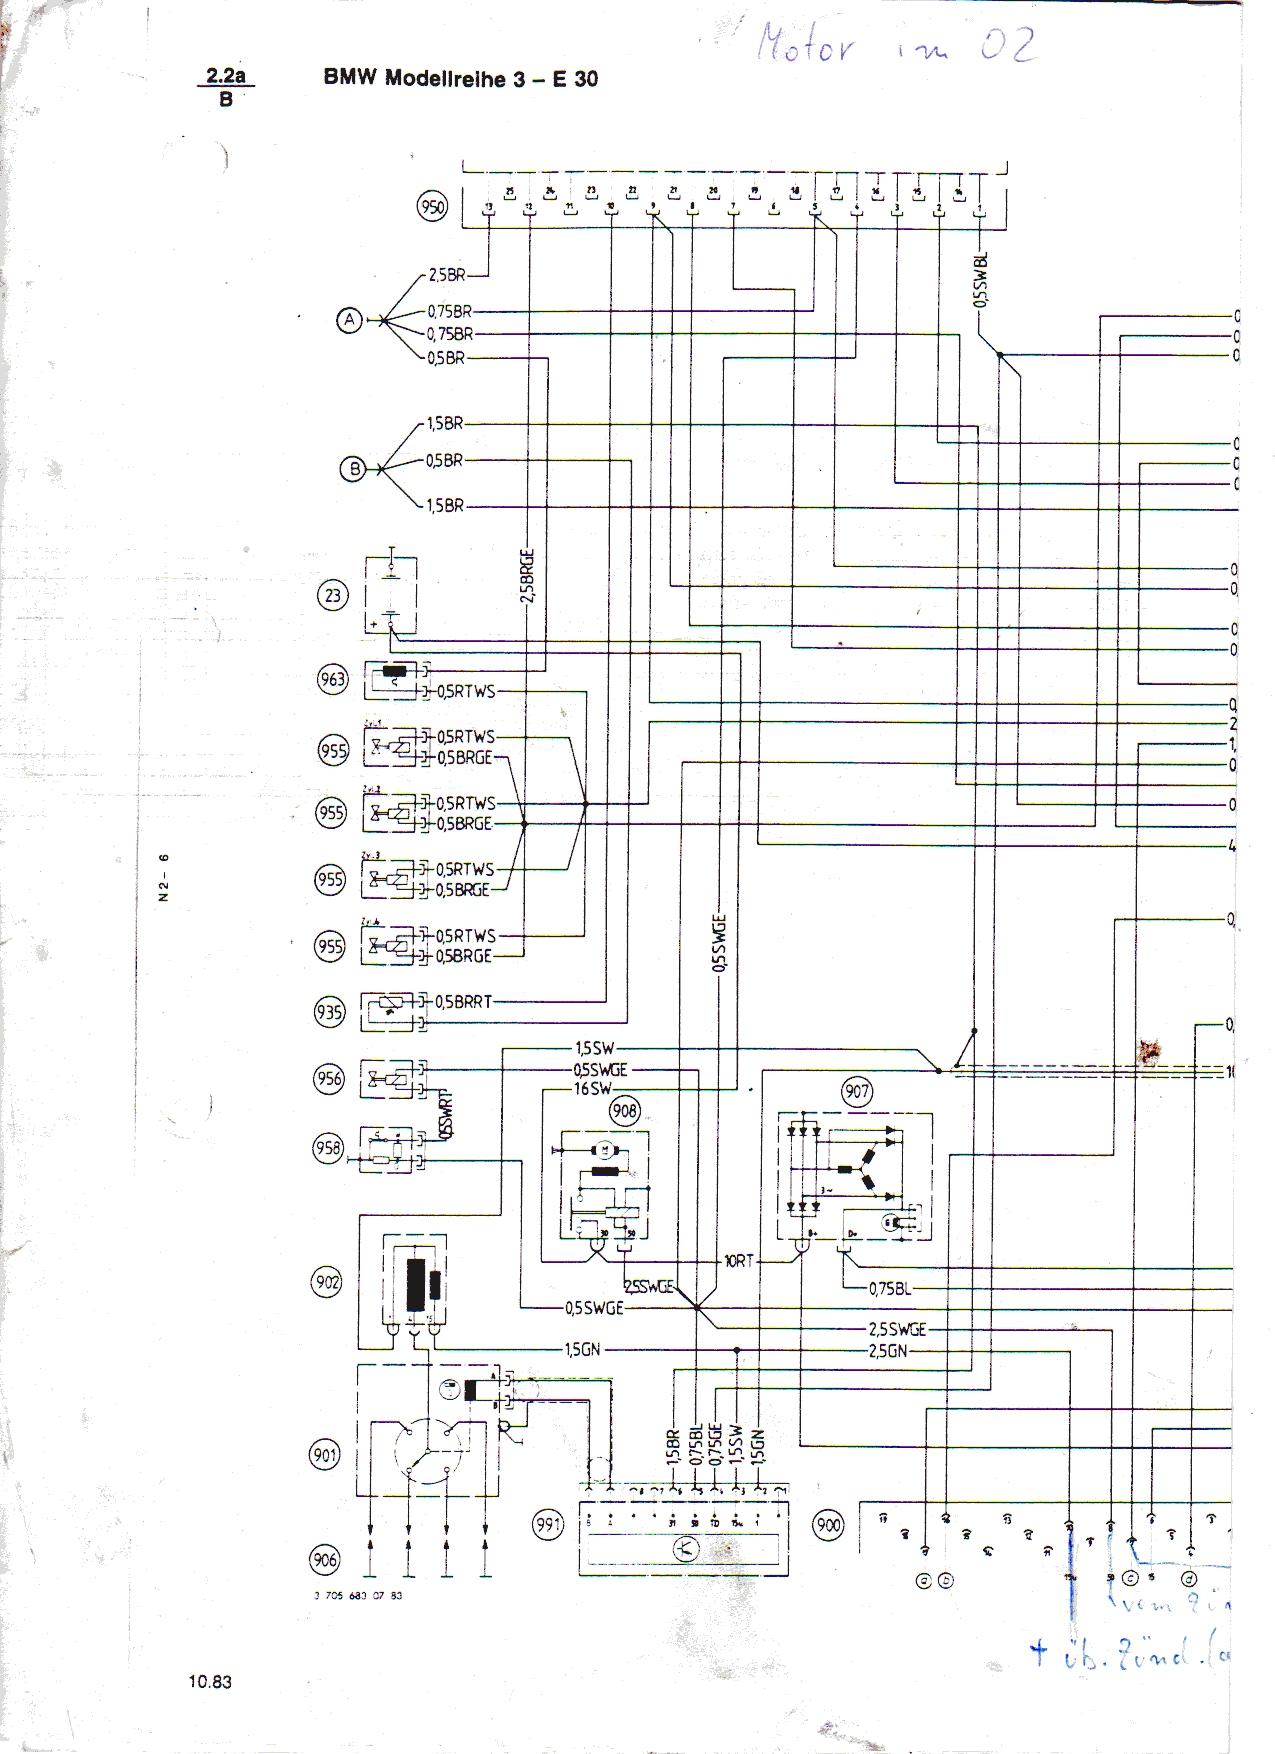 Ziemlich Ge Motor Schaltplan Bilder - Elektrische Schaltplan-Ideen ...